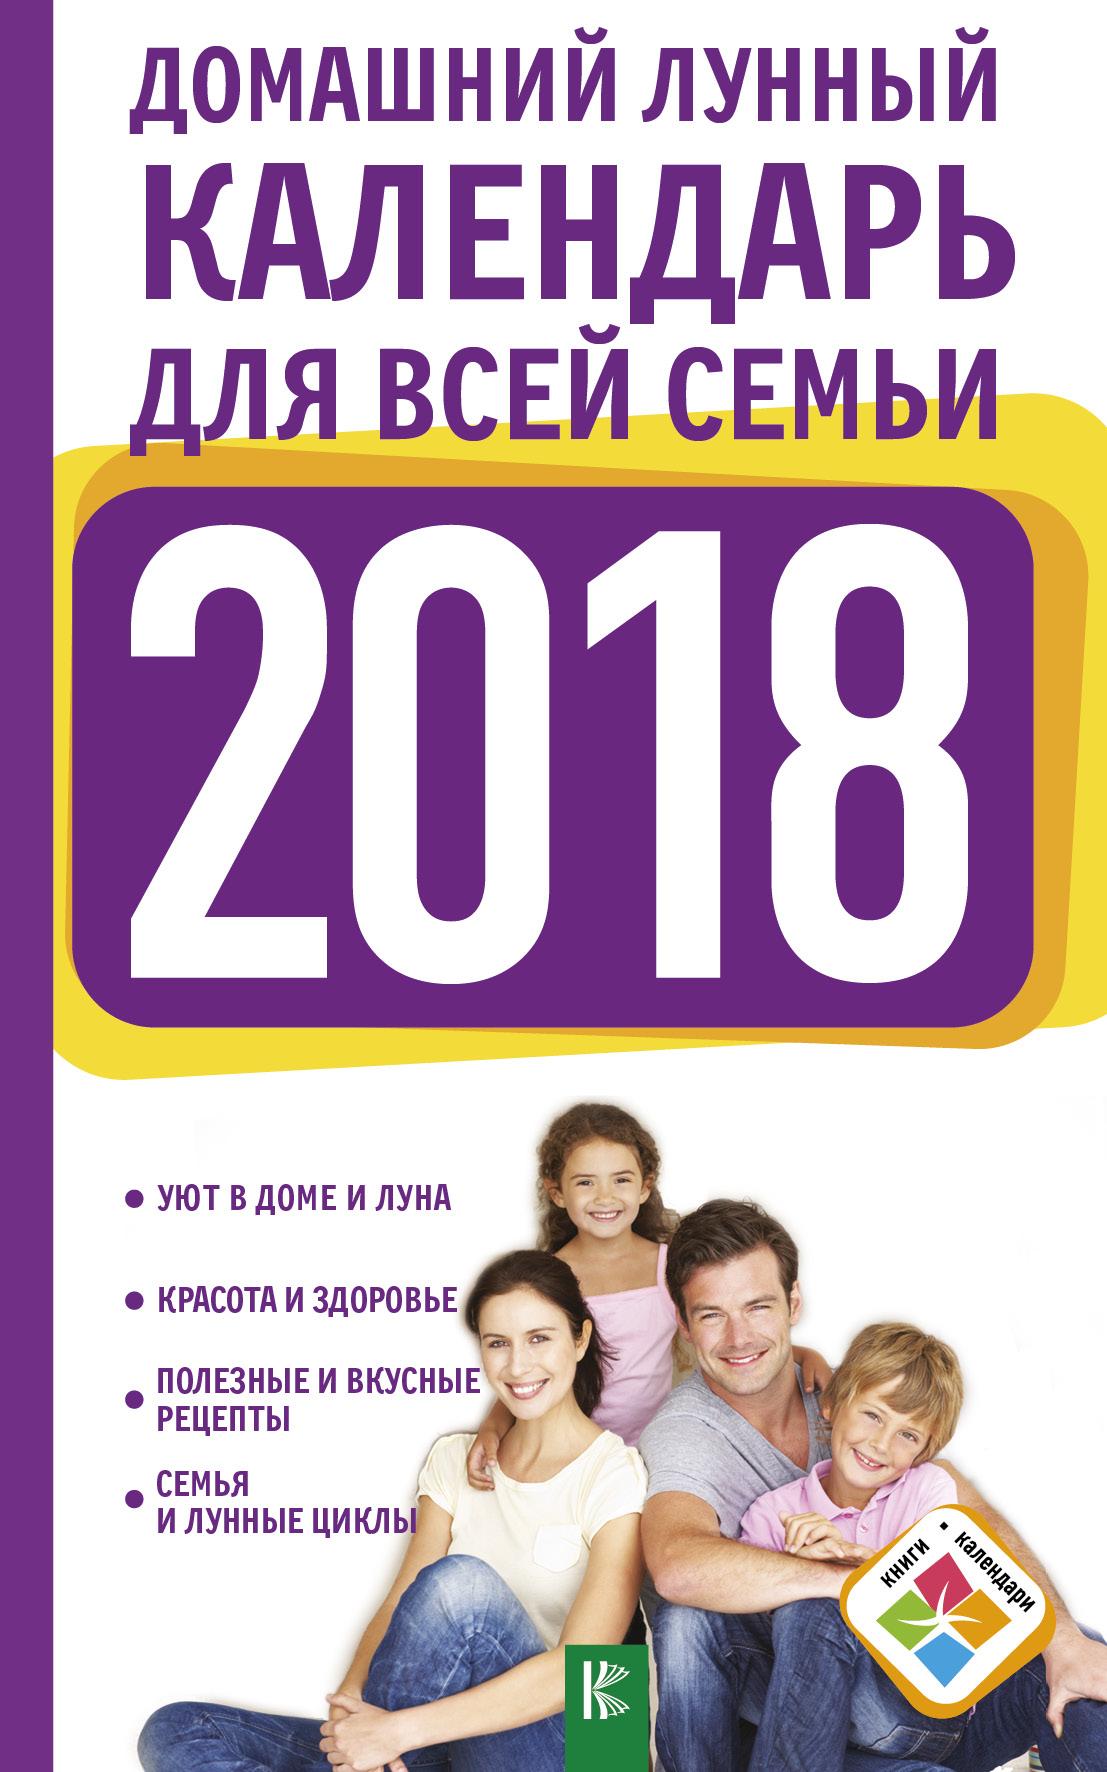 Домашний лунный календарь для всей семьи на 2018 год ( Григорьева А.И.  )